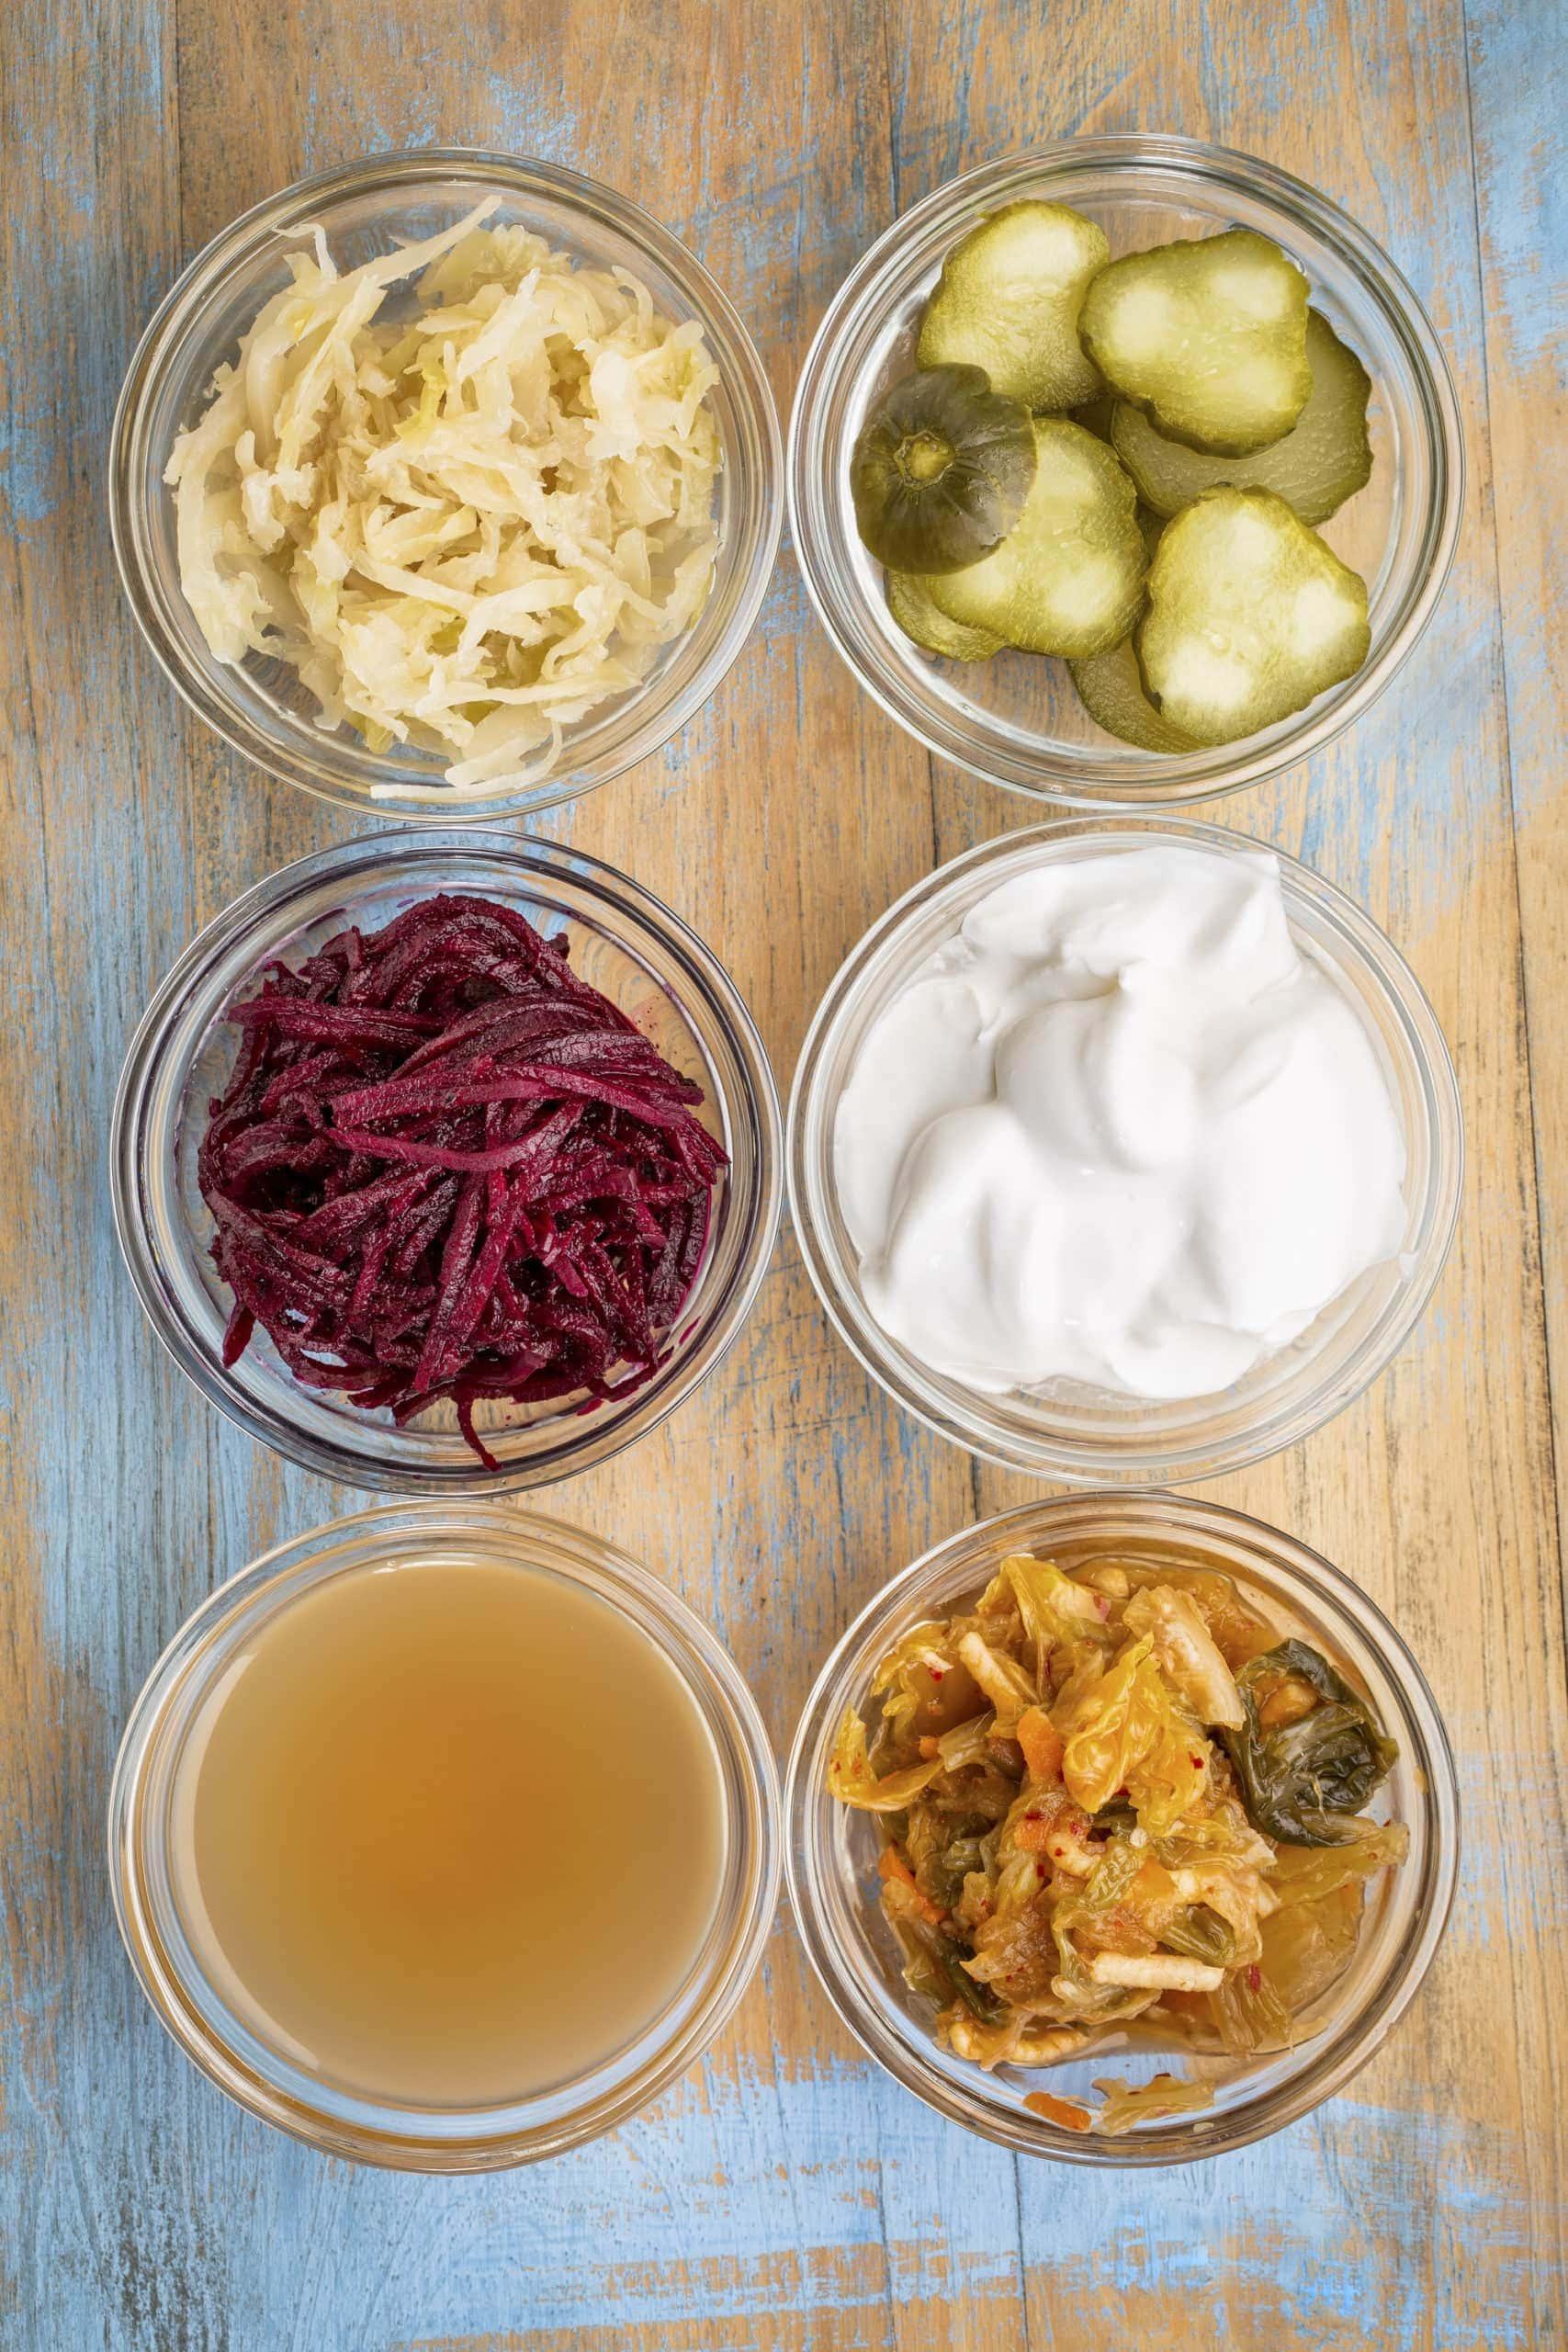 8 Best Natural Probiotics for Vegans